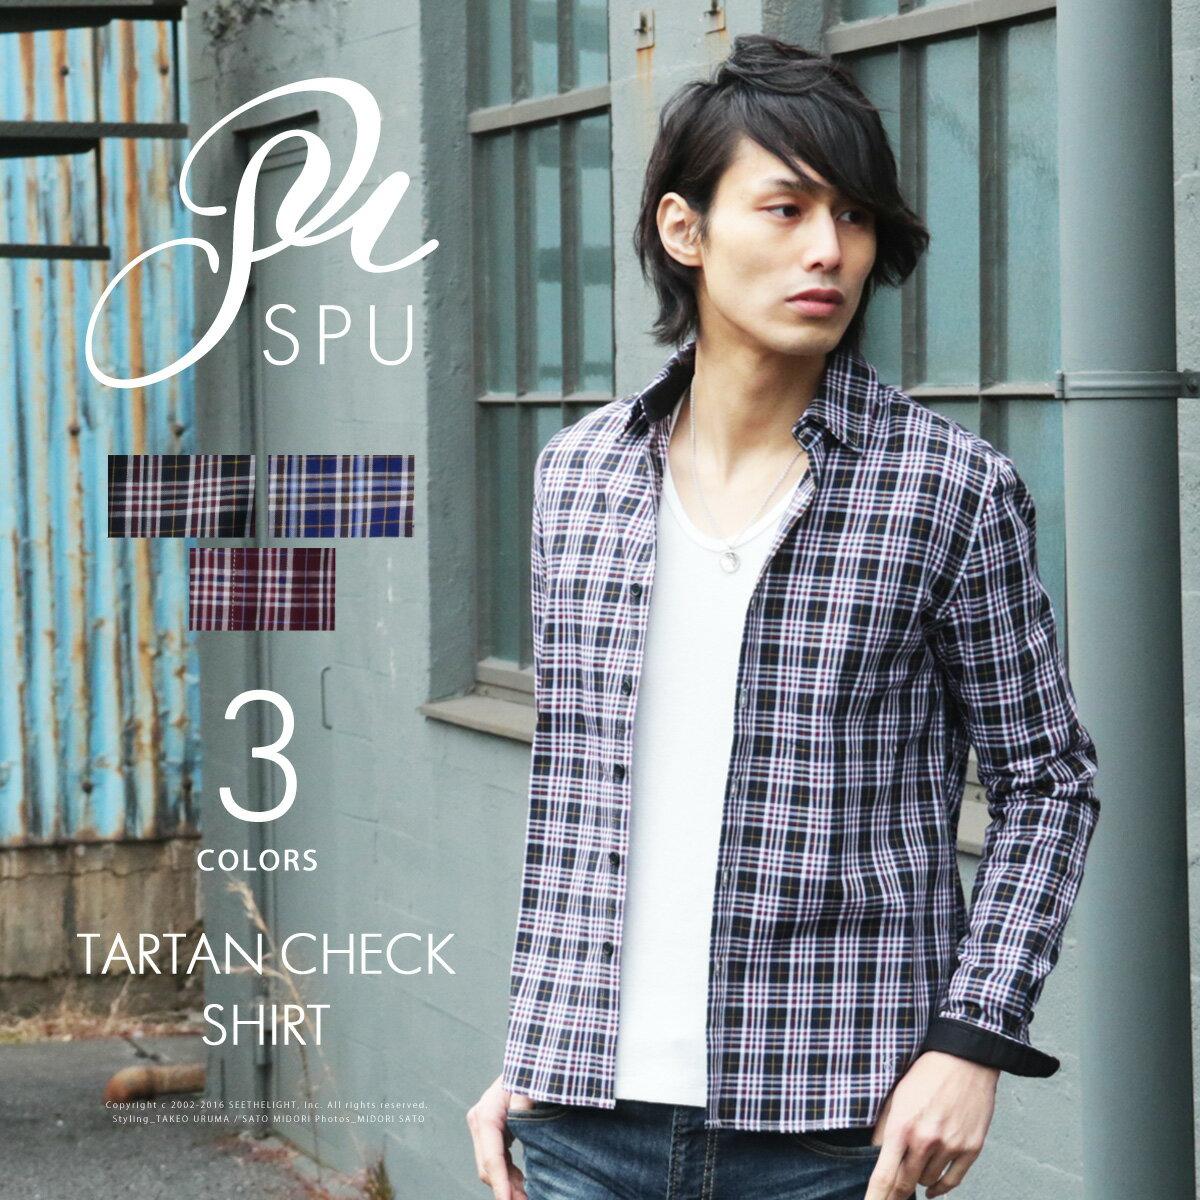 メンズ シャツ 春 メンズファッション オリジナル タータンチェック 長袖 シャツ SPU スプ スプートニクス